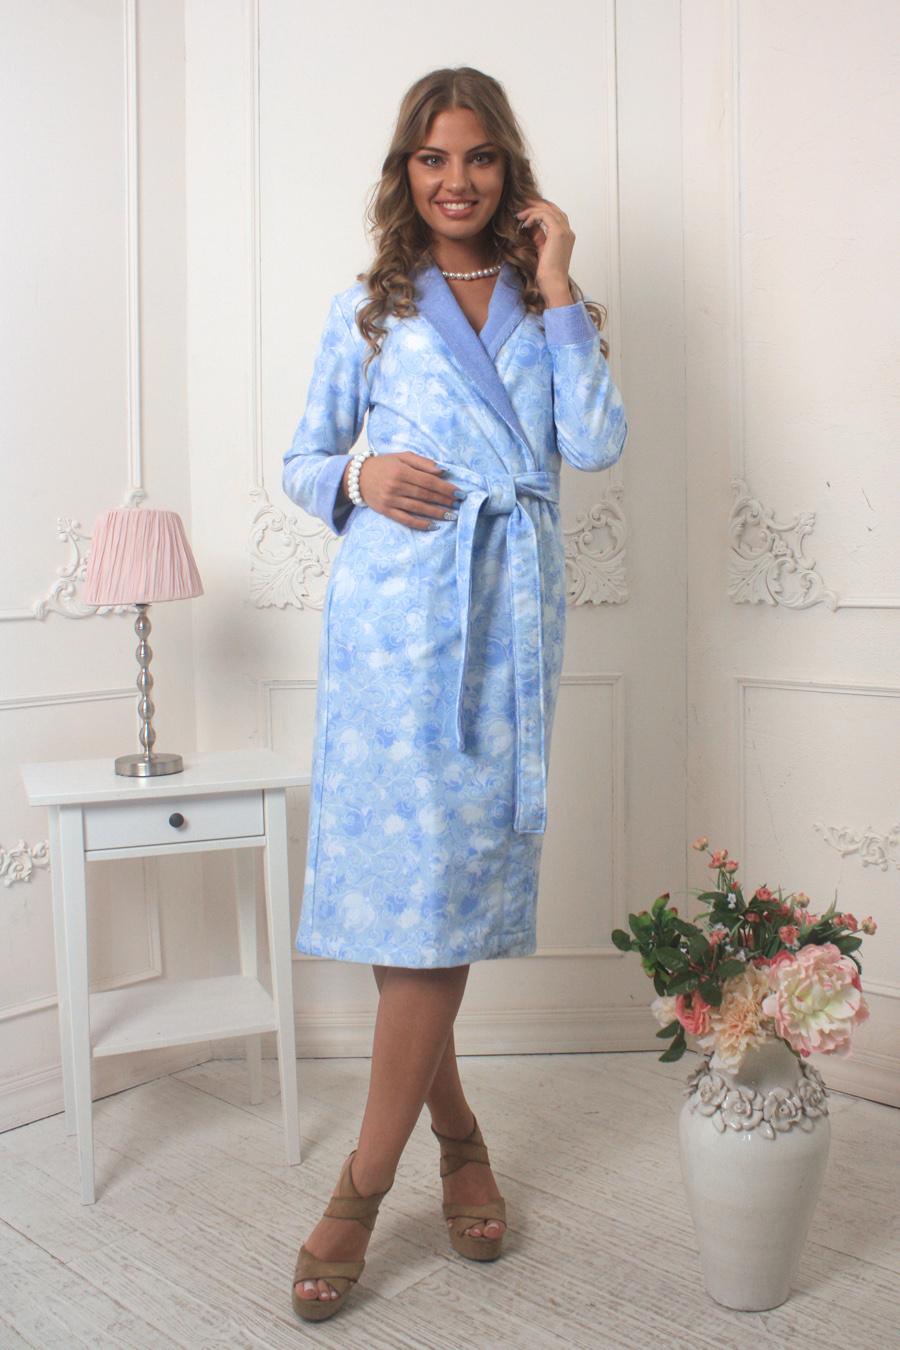 Халат452Невероятно нежный и стильный халат Five Wien Home Liana, выполненный из уникальной ткани с didgital принтом и идеальной посадкой по фигуре. Модель миди дополнена врезными карманами и длинным поясом. Легкая, солнечная цветовая гамма.